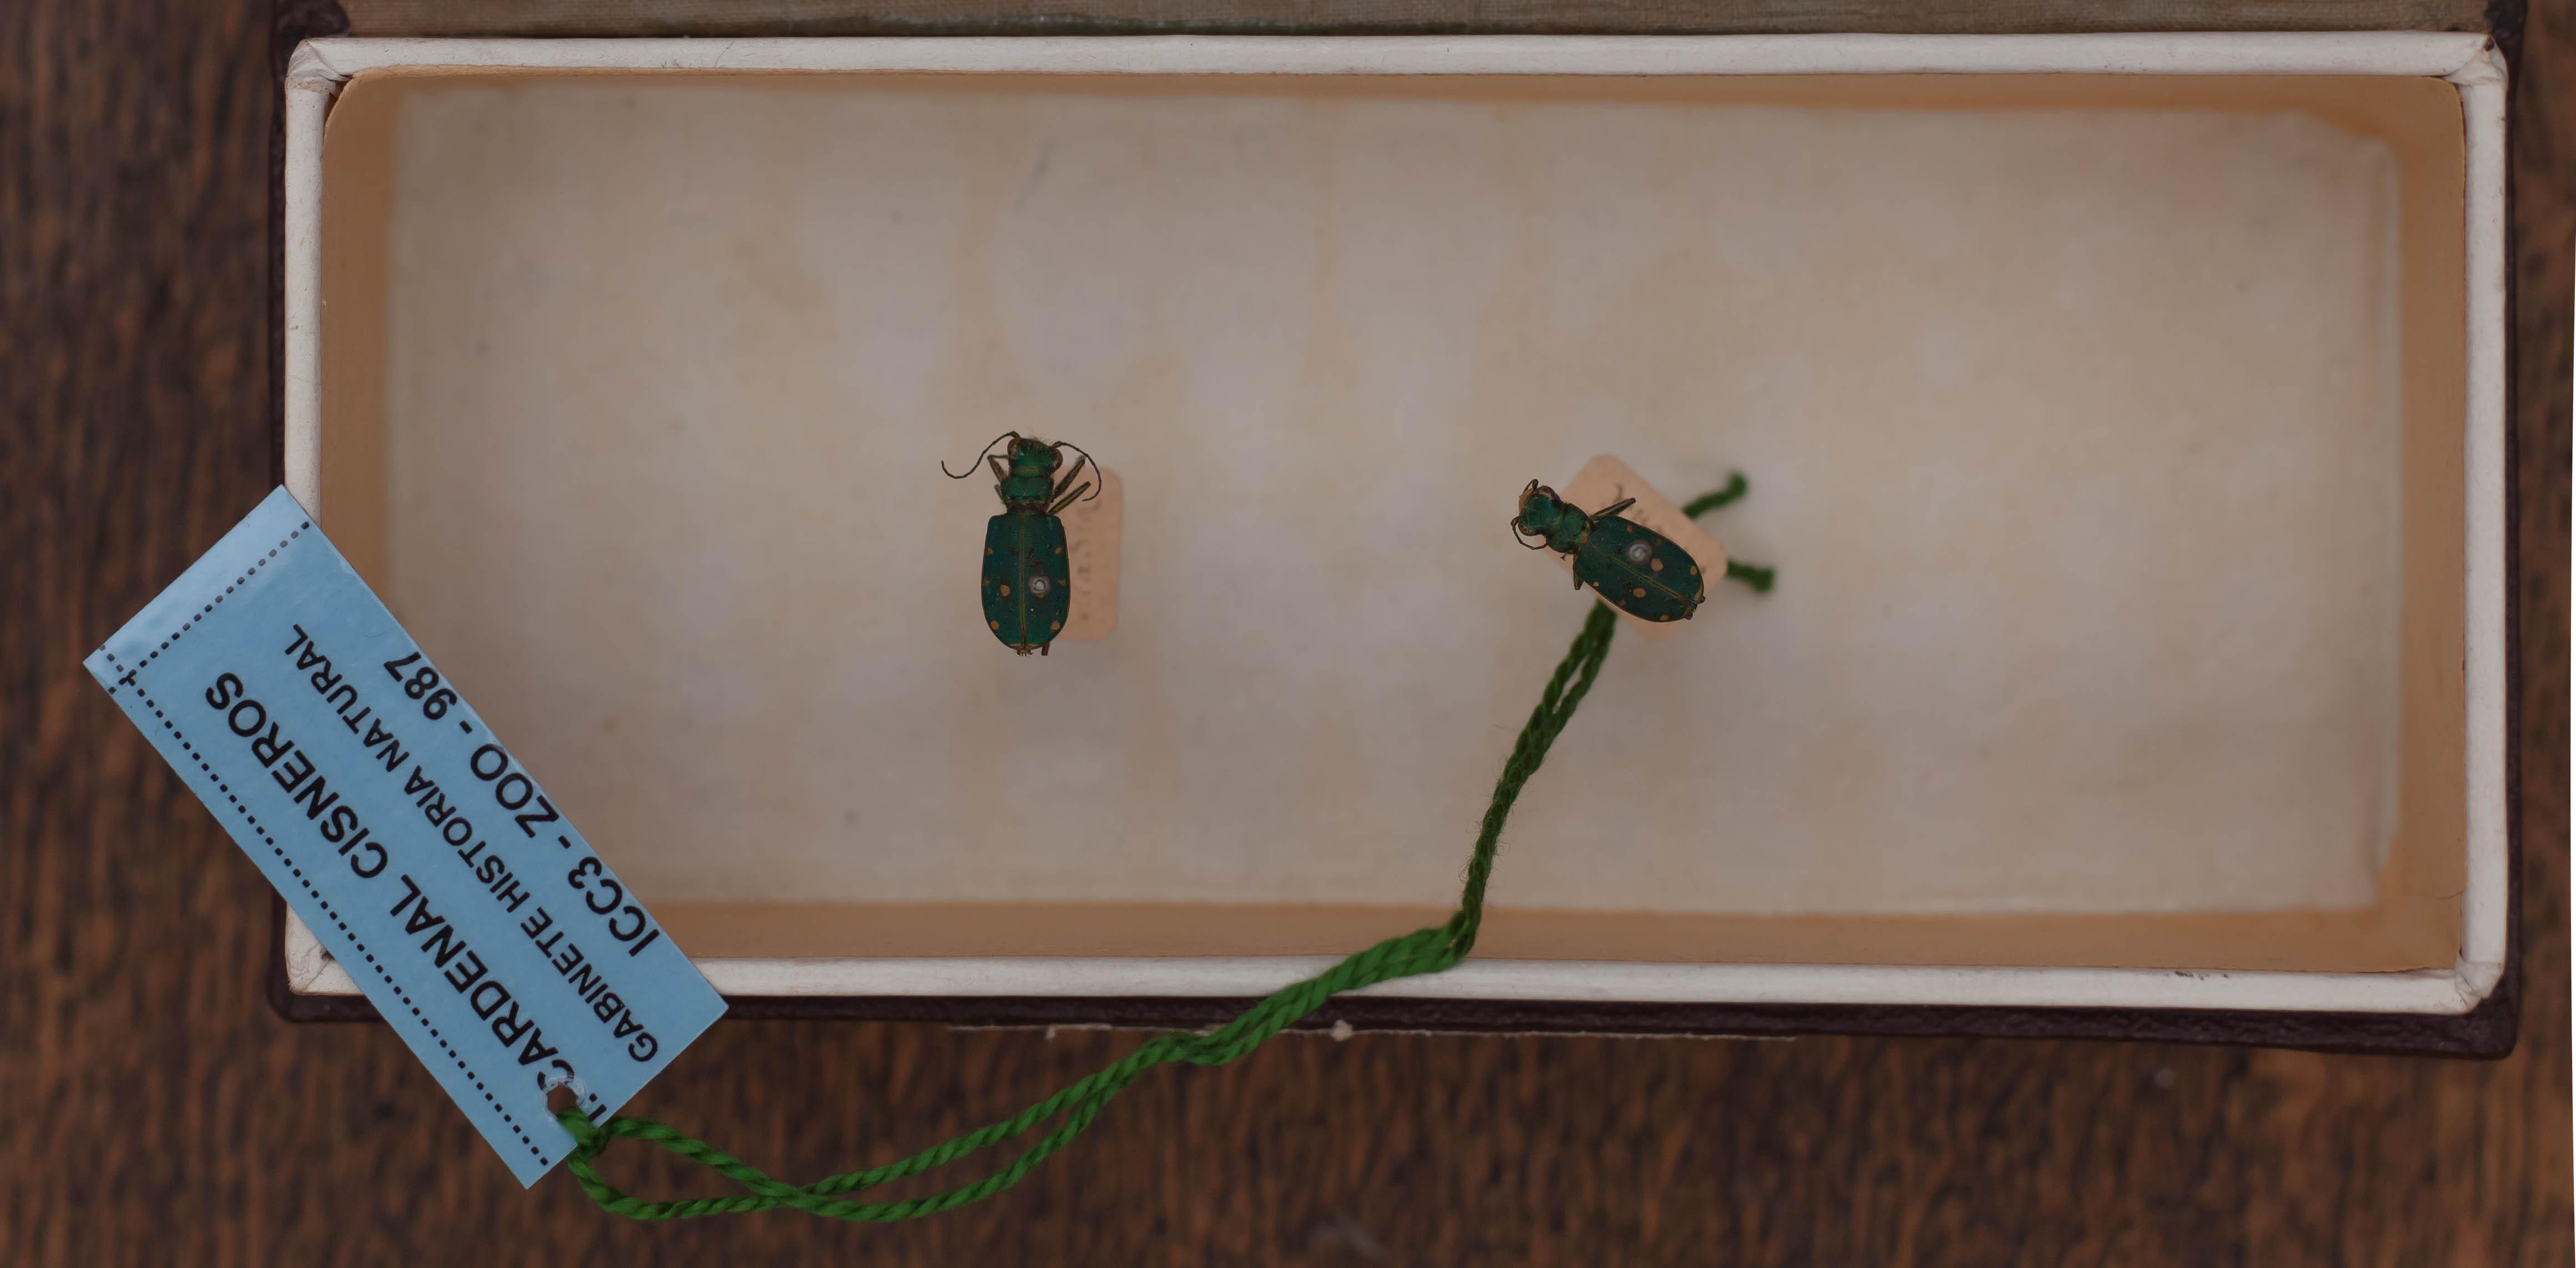 IES_CARDENALCISNEROS_Insectos_012